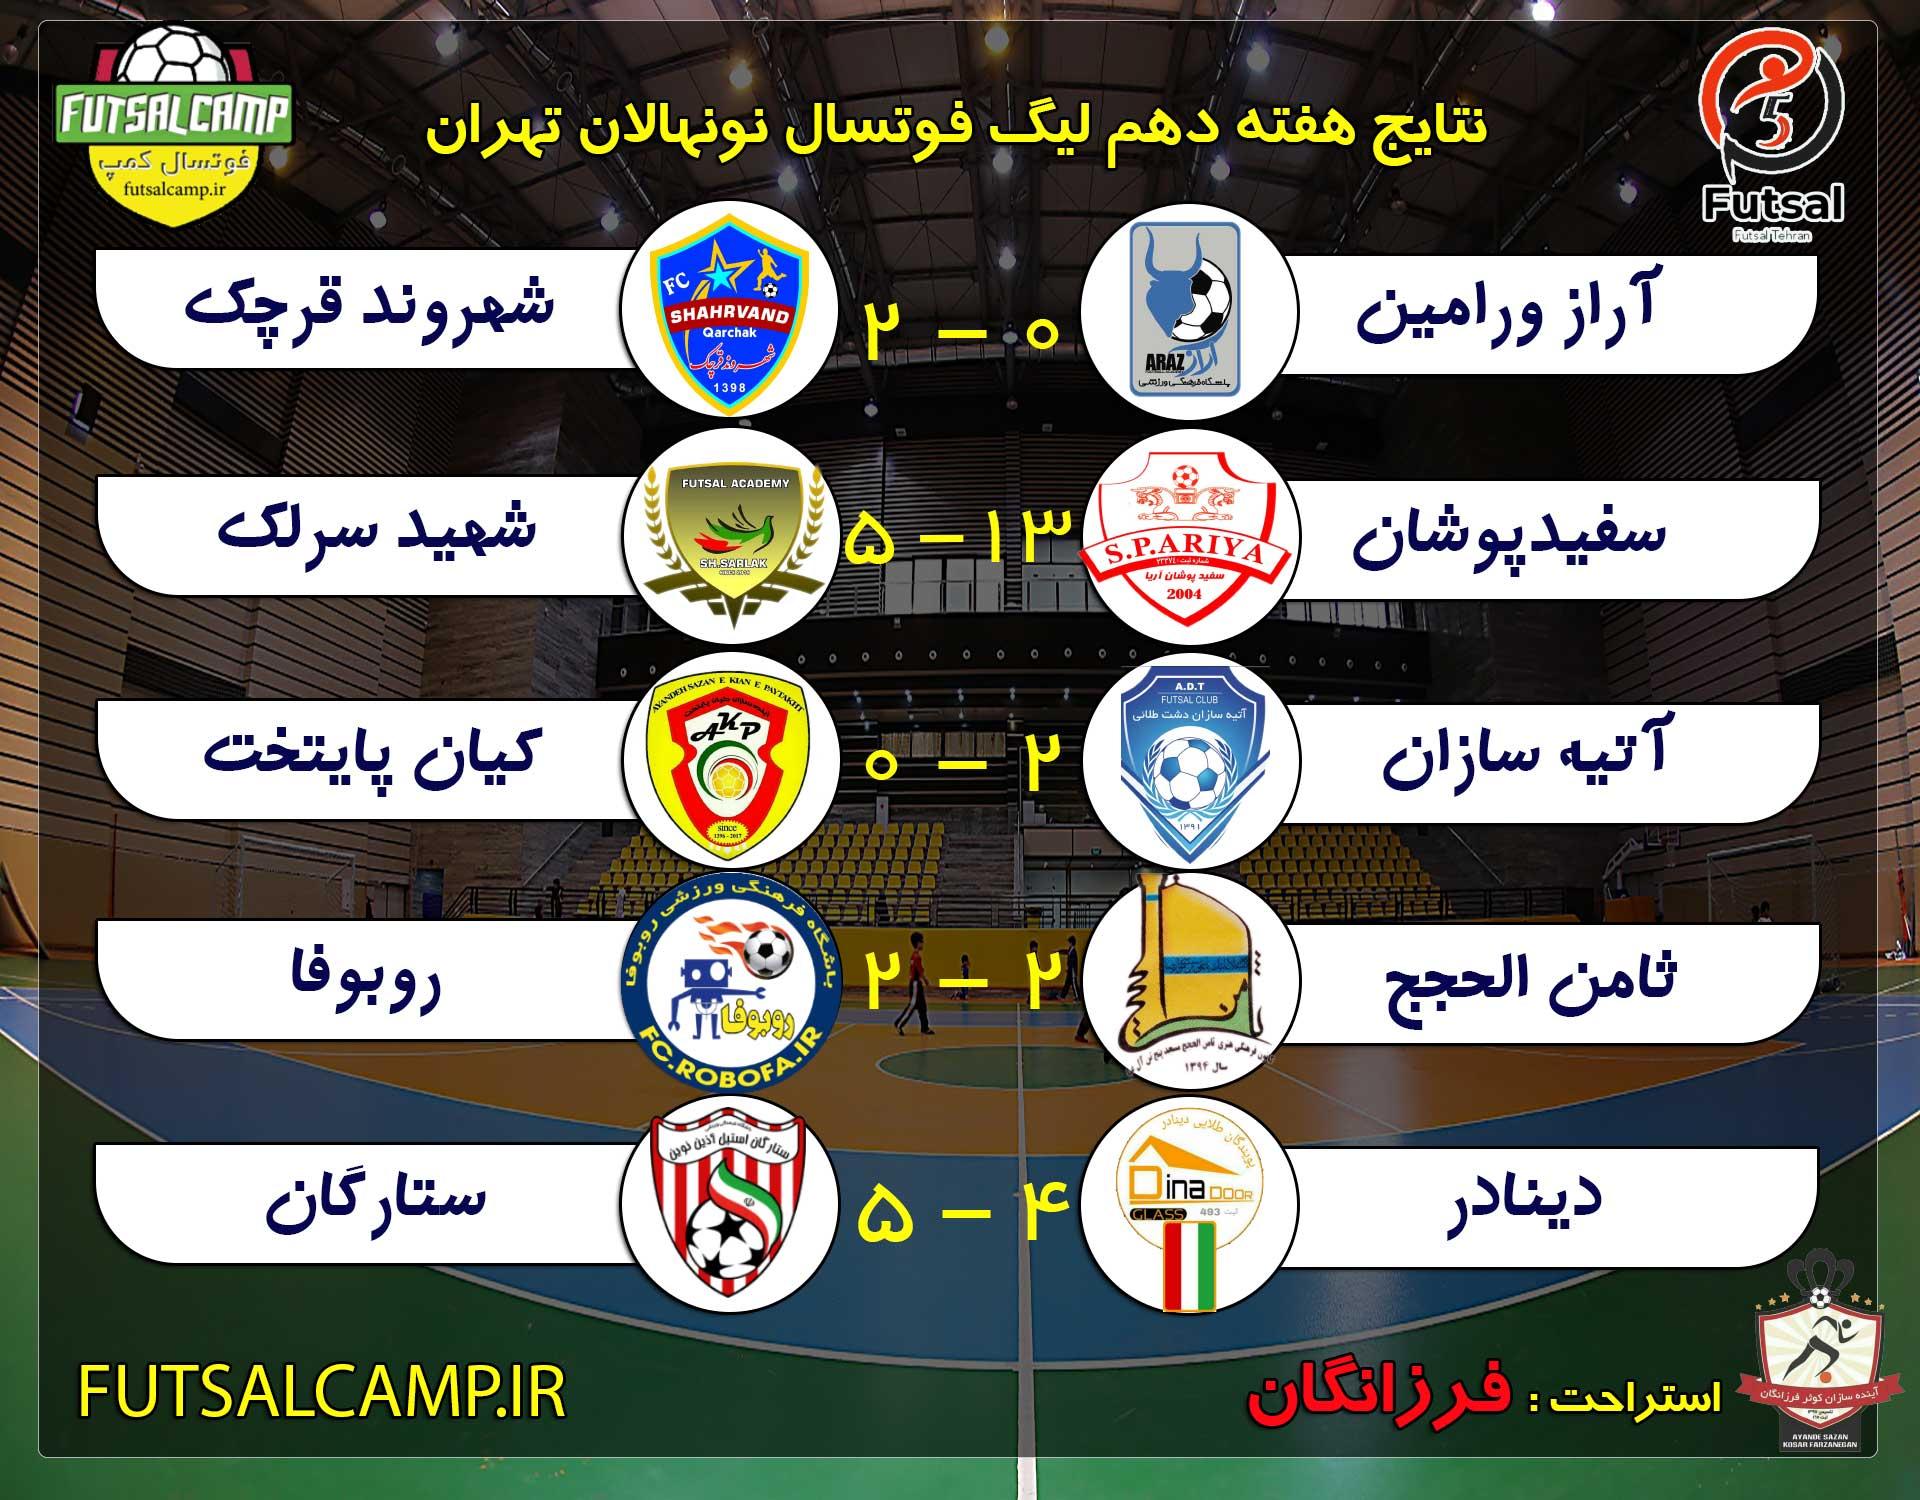 نتایج هفته یازدهم لیگ فوتسال نونهالان تهران